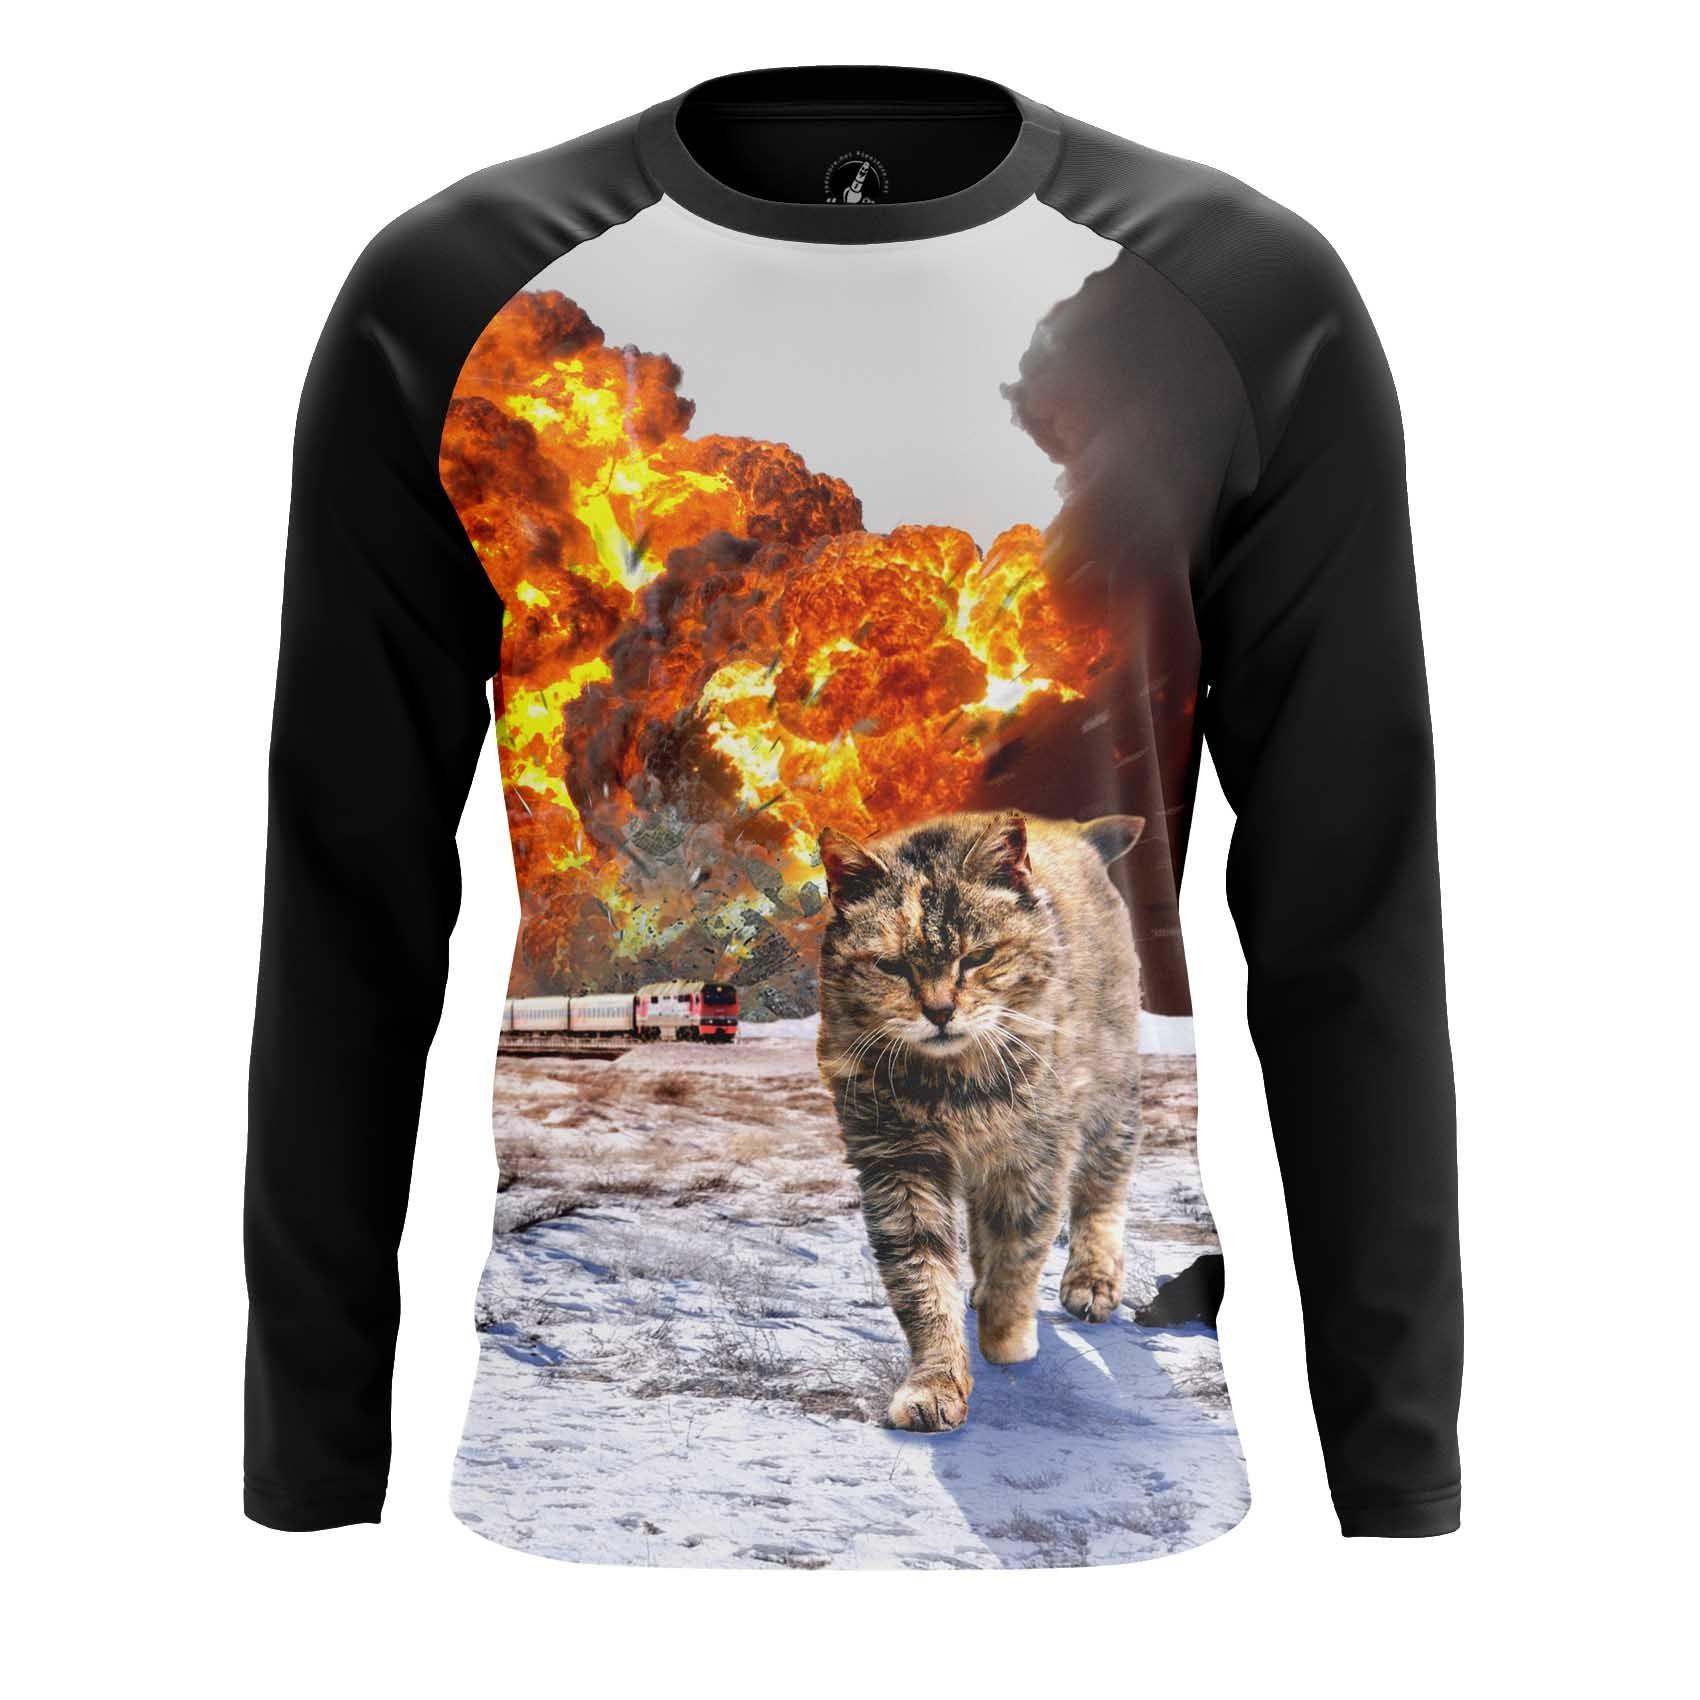 Merch Men'S T-Shirt Badass Internet Funny Cat